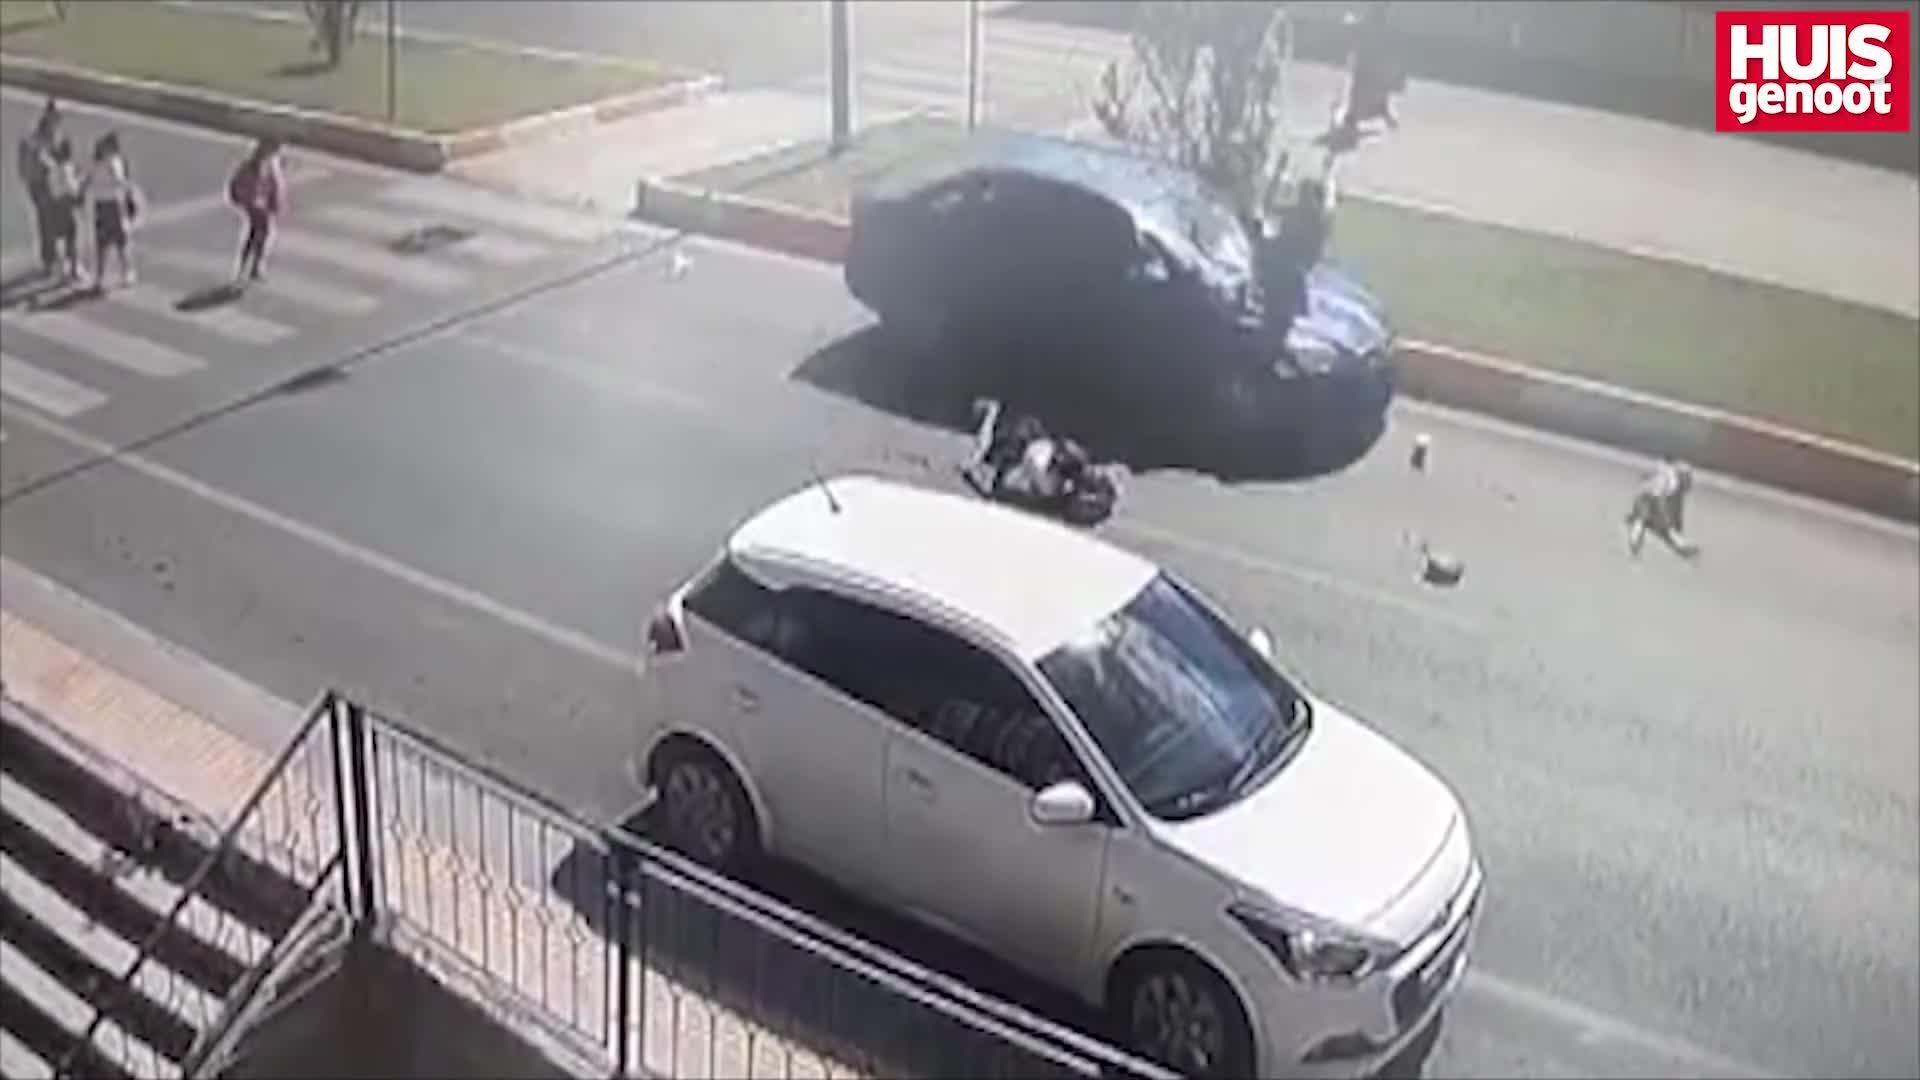 Video: Mẹ cùng 2 con gái bị ôtô hất tung lên trời sau tai nạn kinh hoàng.